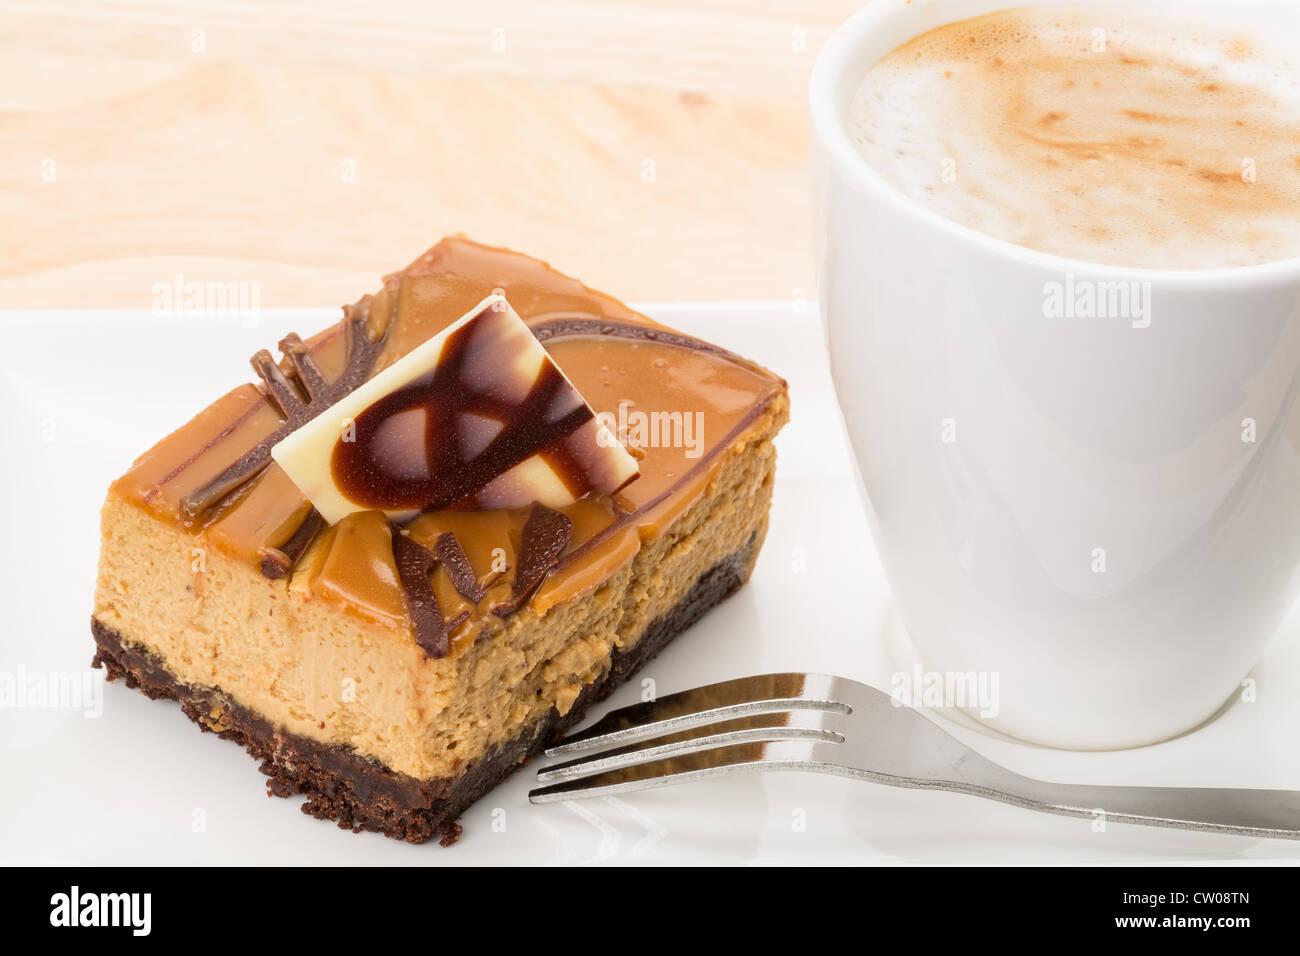 Trozo de tarta de queso y caramelo con una taza de café - Foto de estudio Imagen De Stock